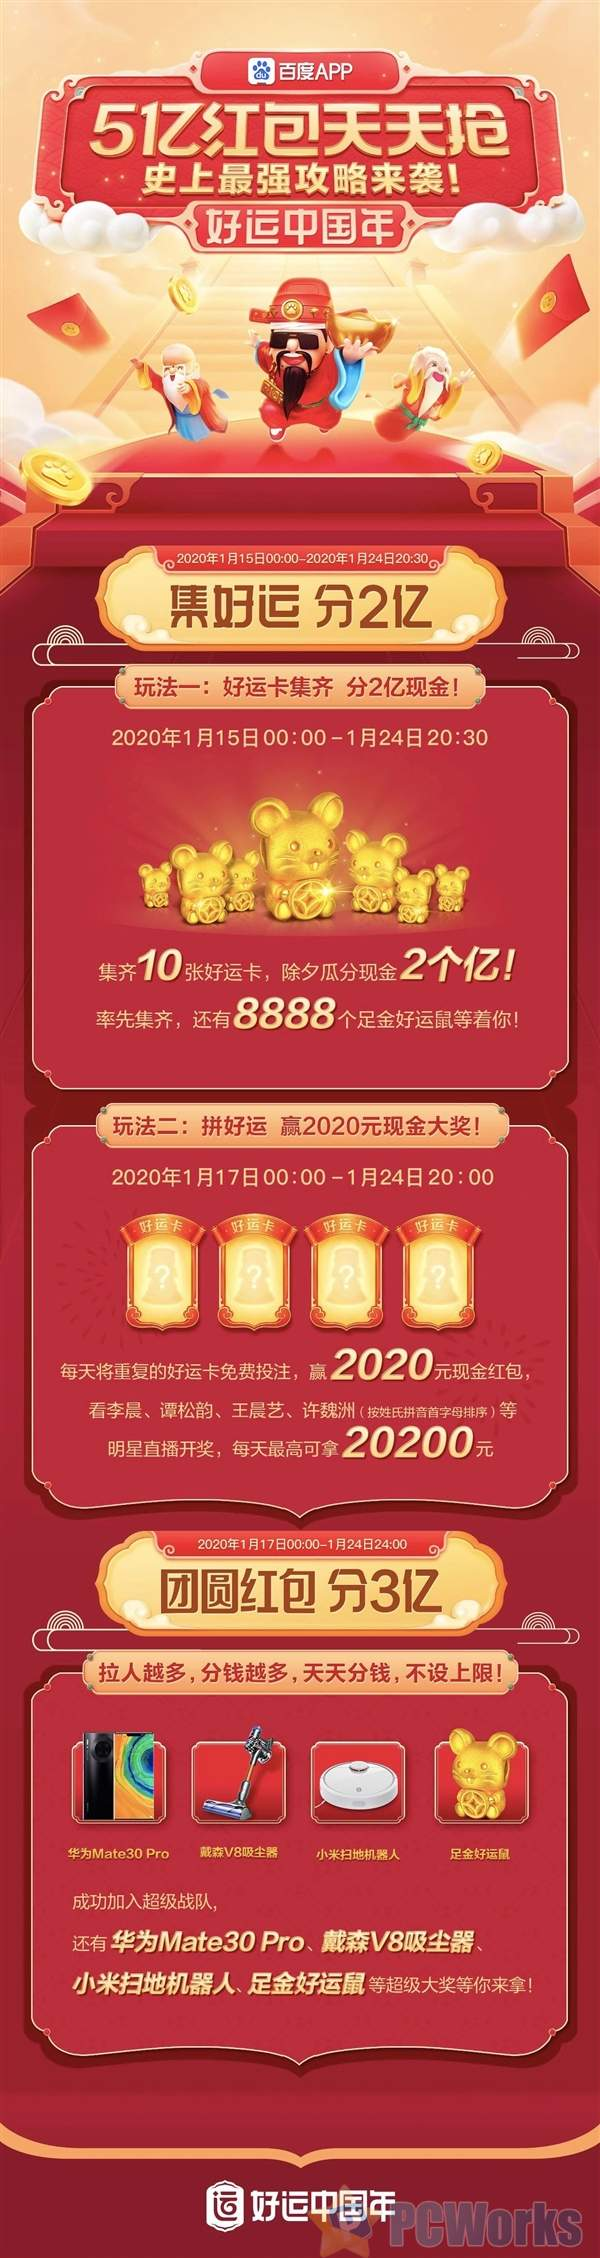 百度今年春节发5亿现金红包:全家桶APP都能抢